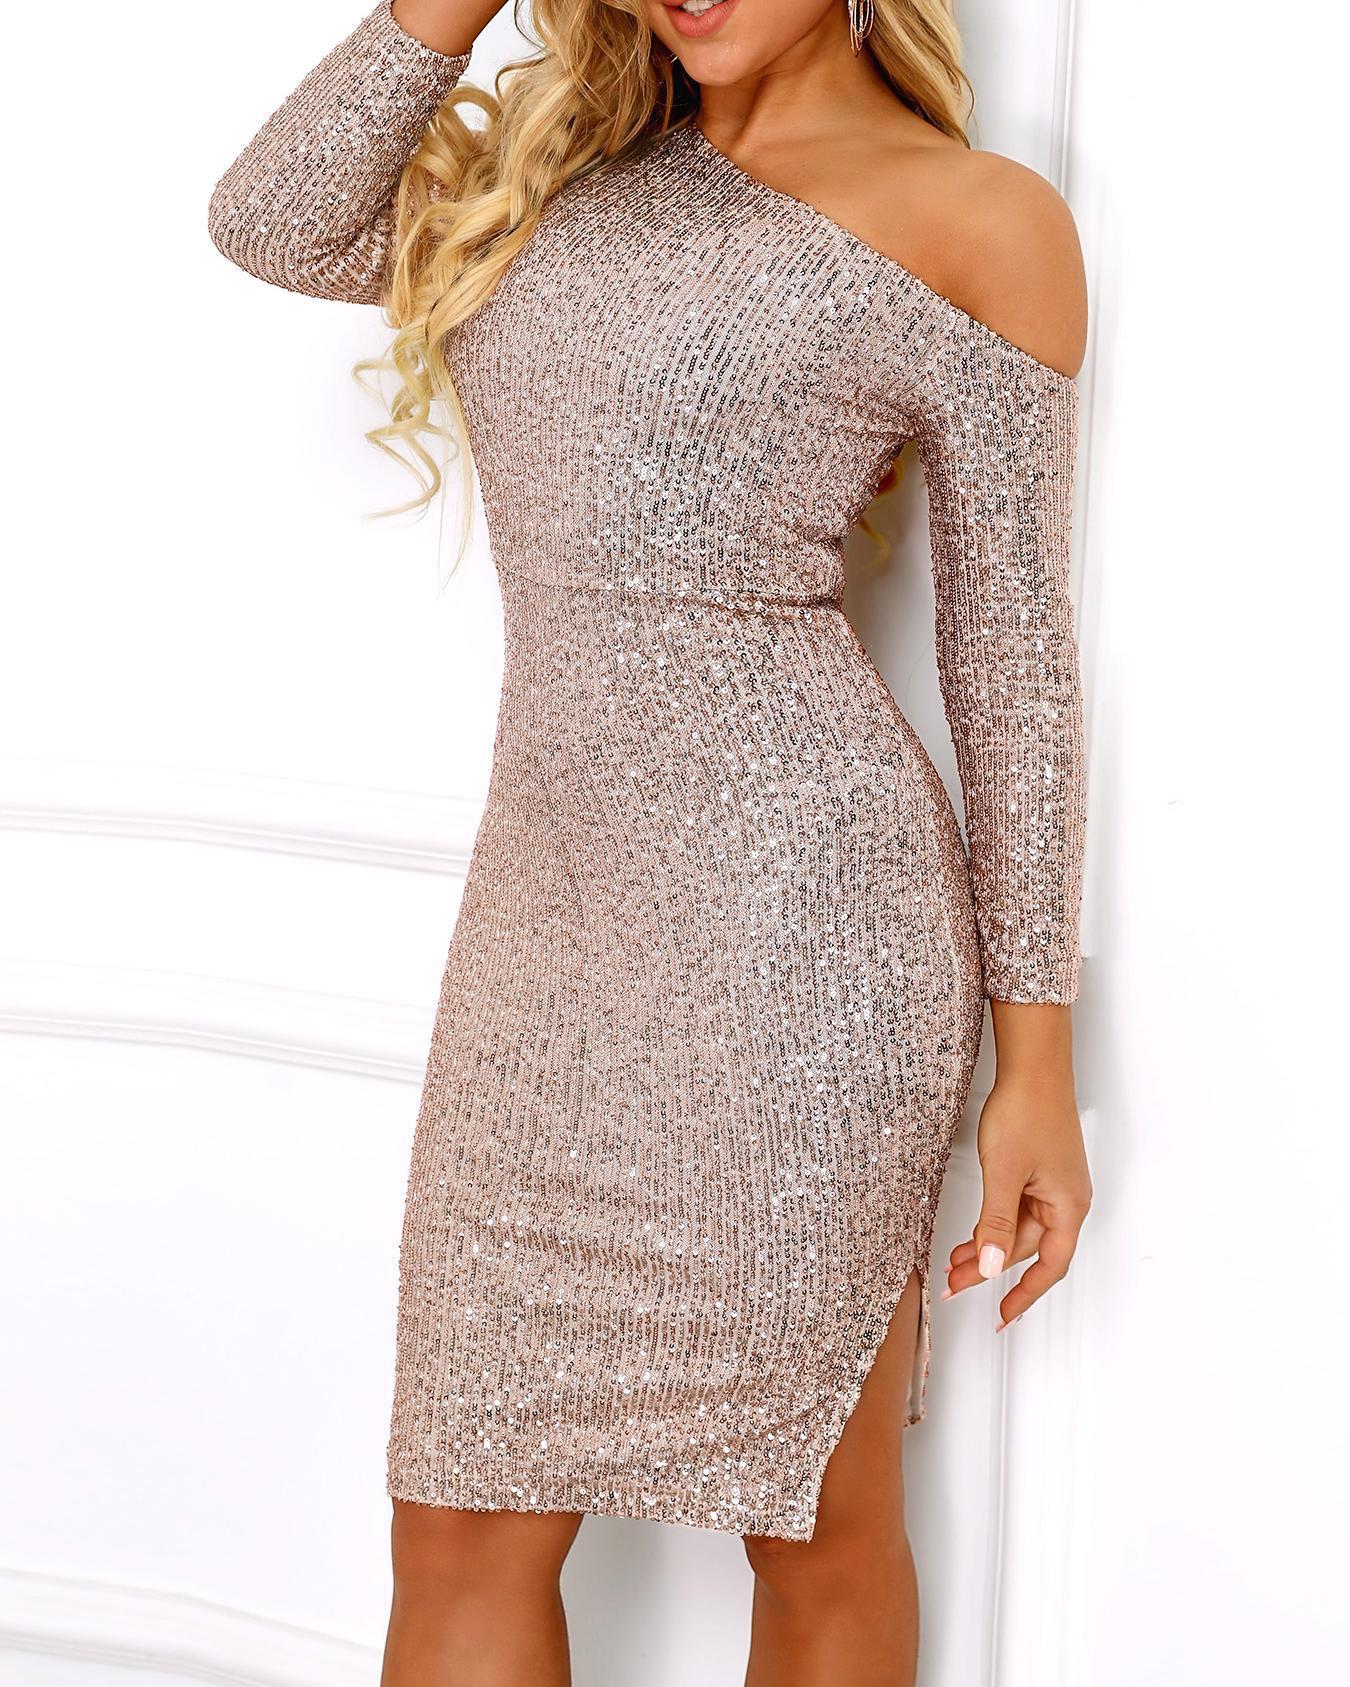 Skew Neck Sequin Party Dress